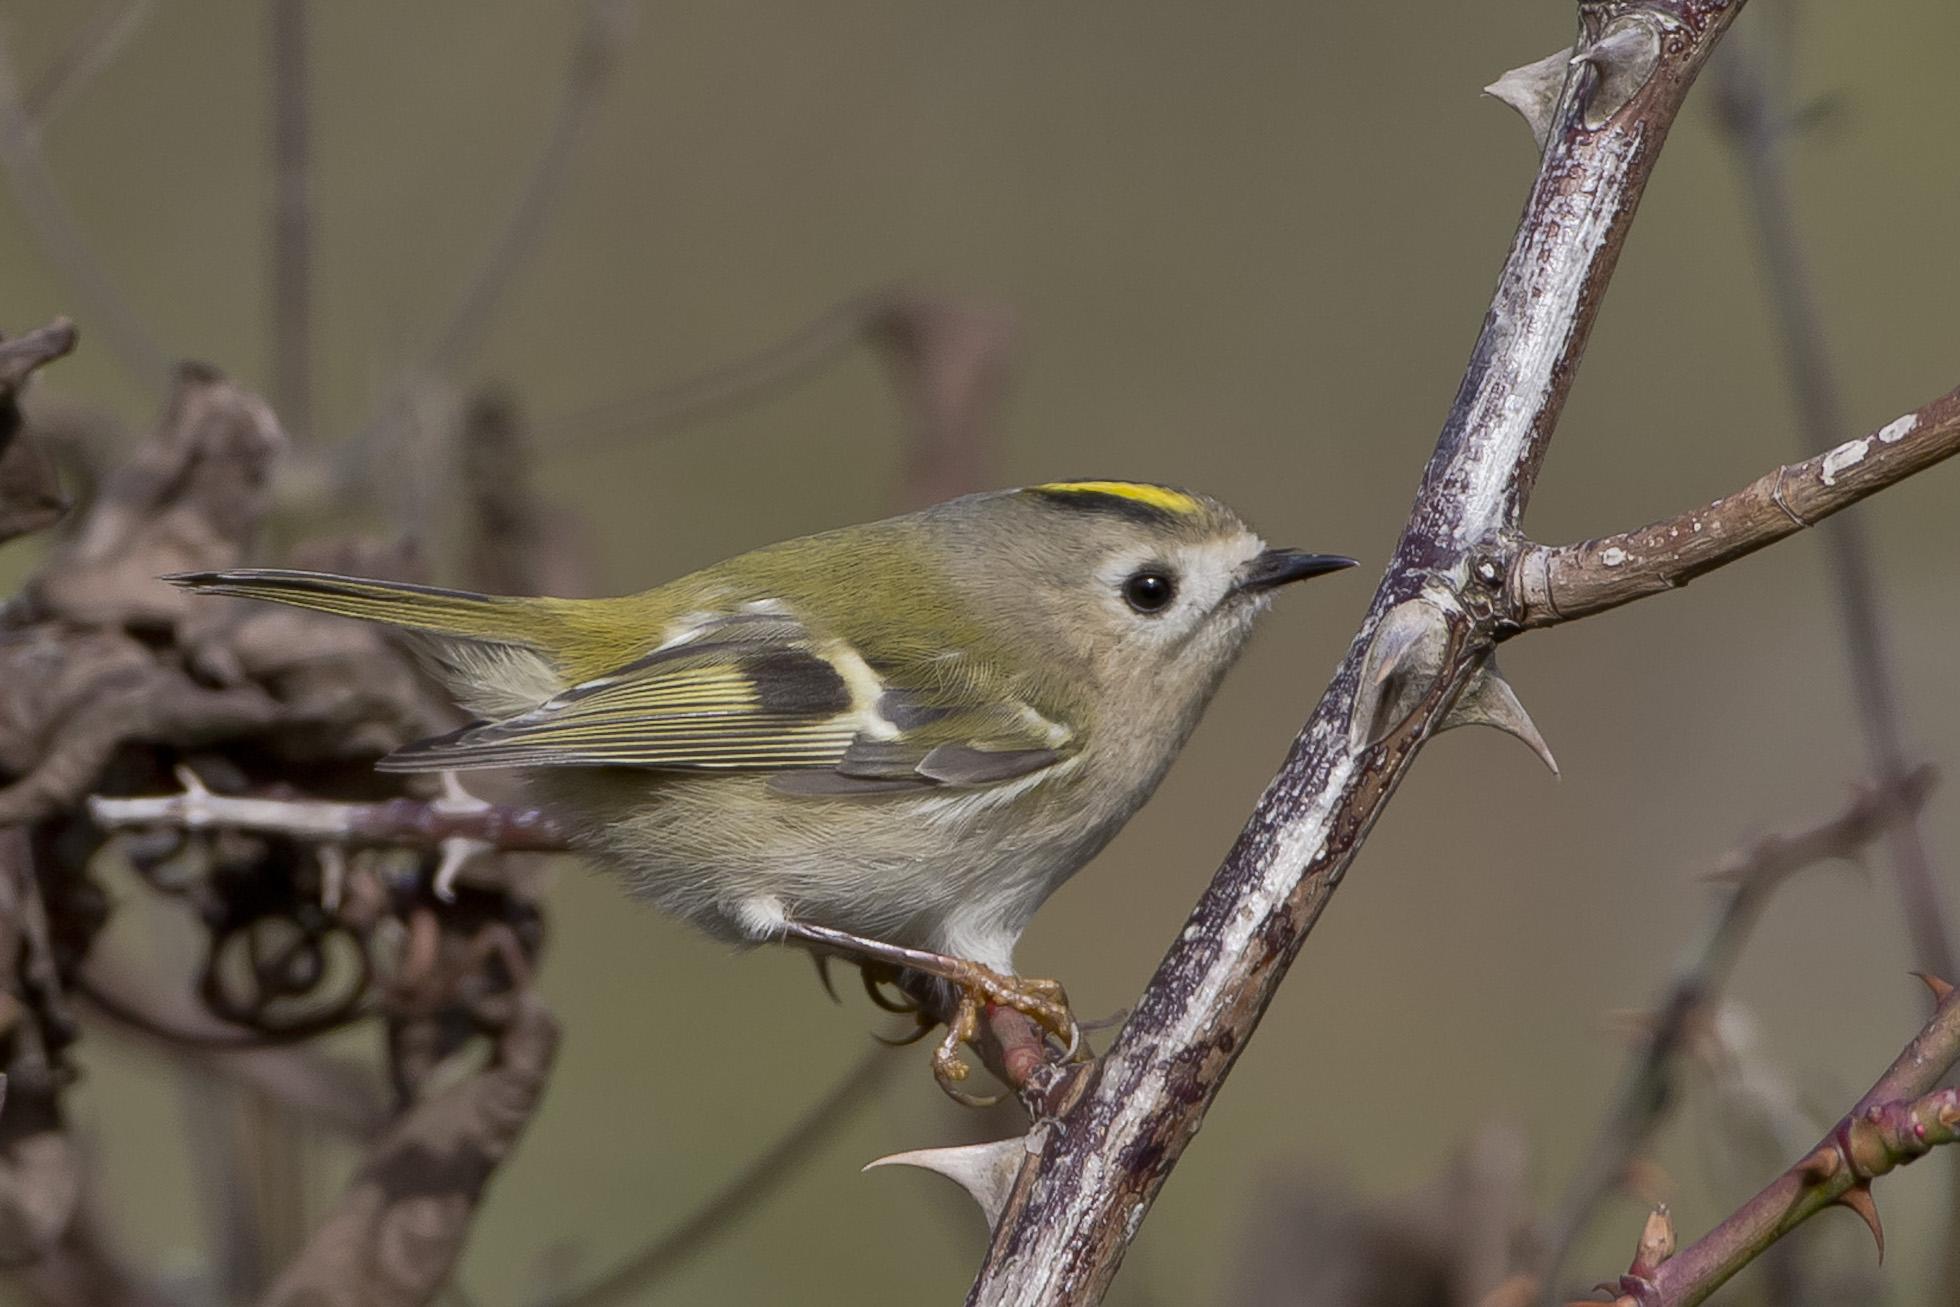 Die kleinen Singvögel begegnen uns auf Schritt und Tritt ...